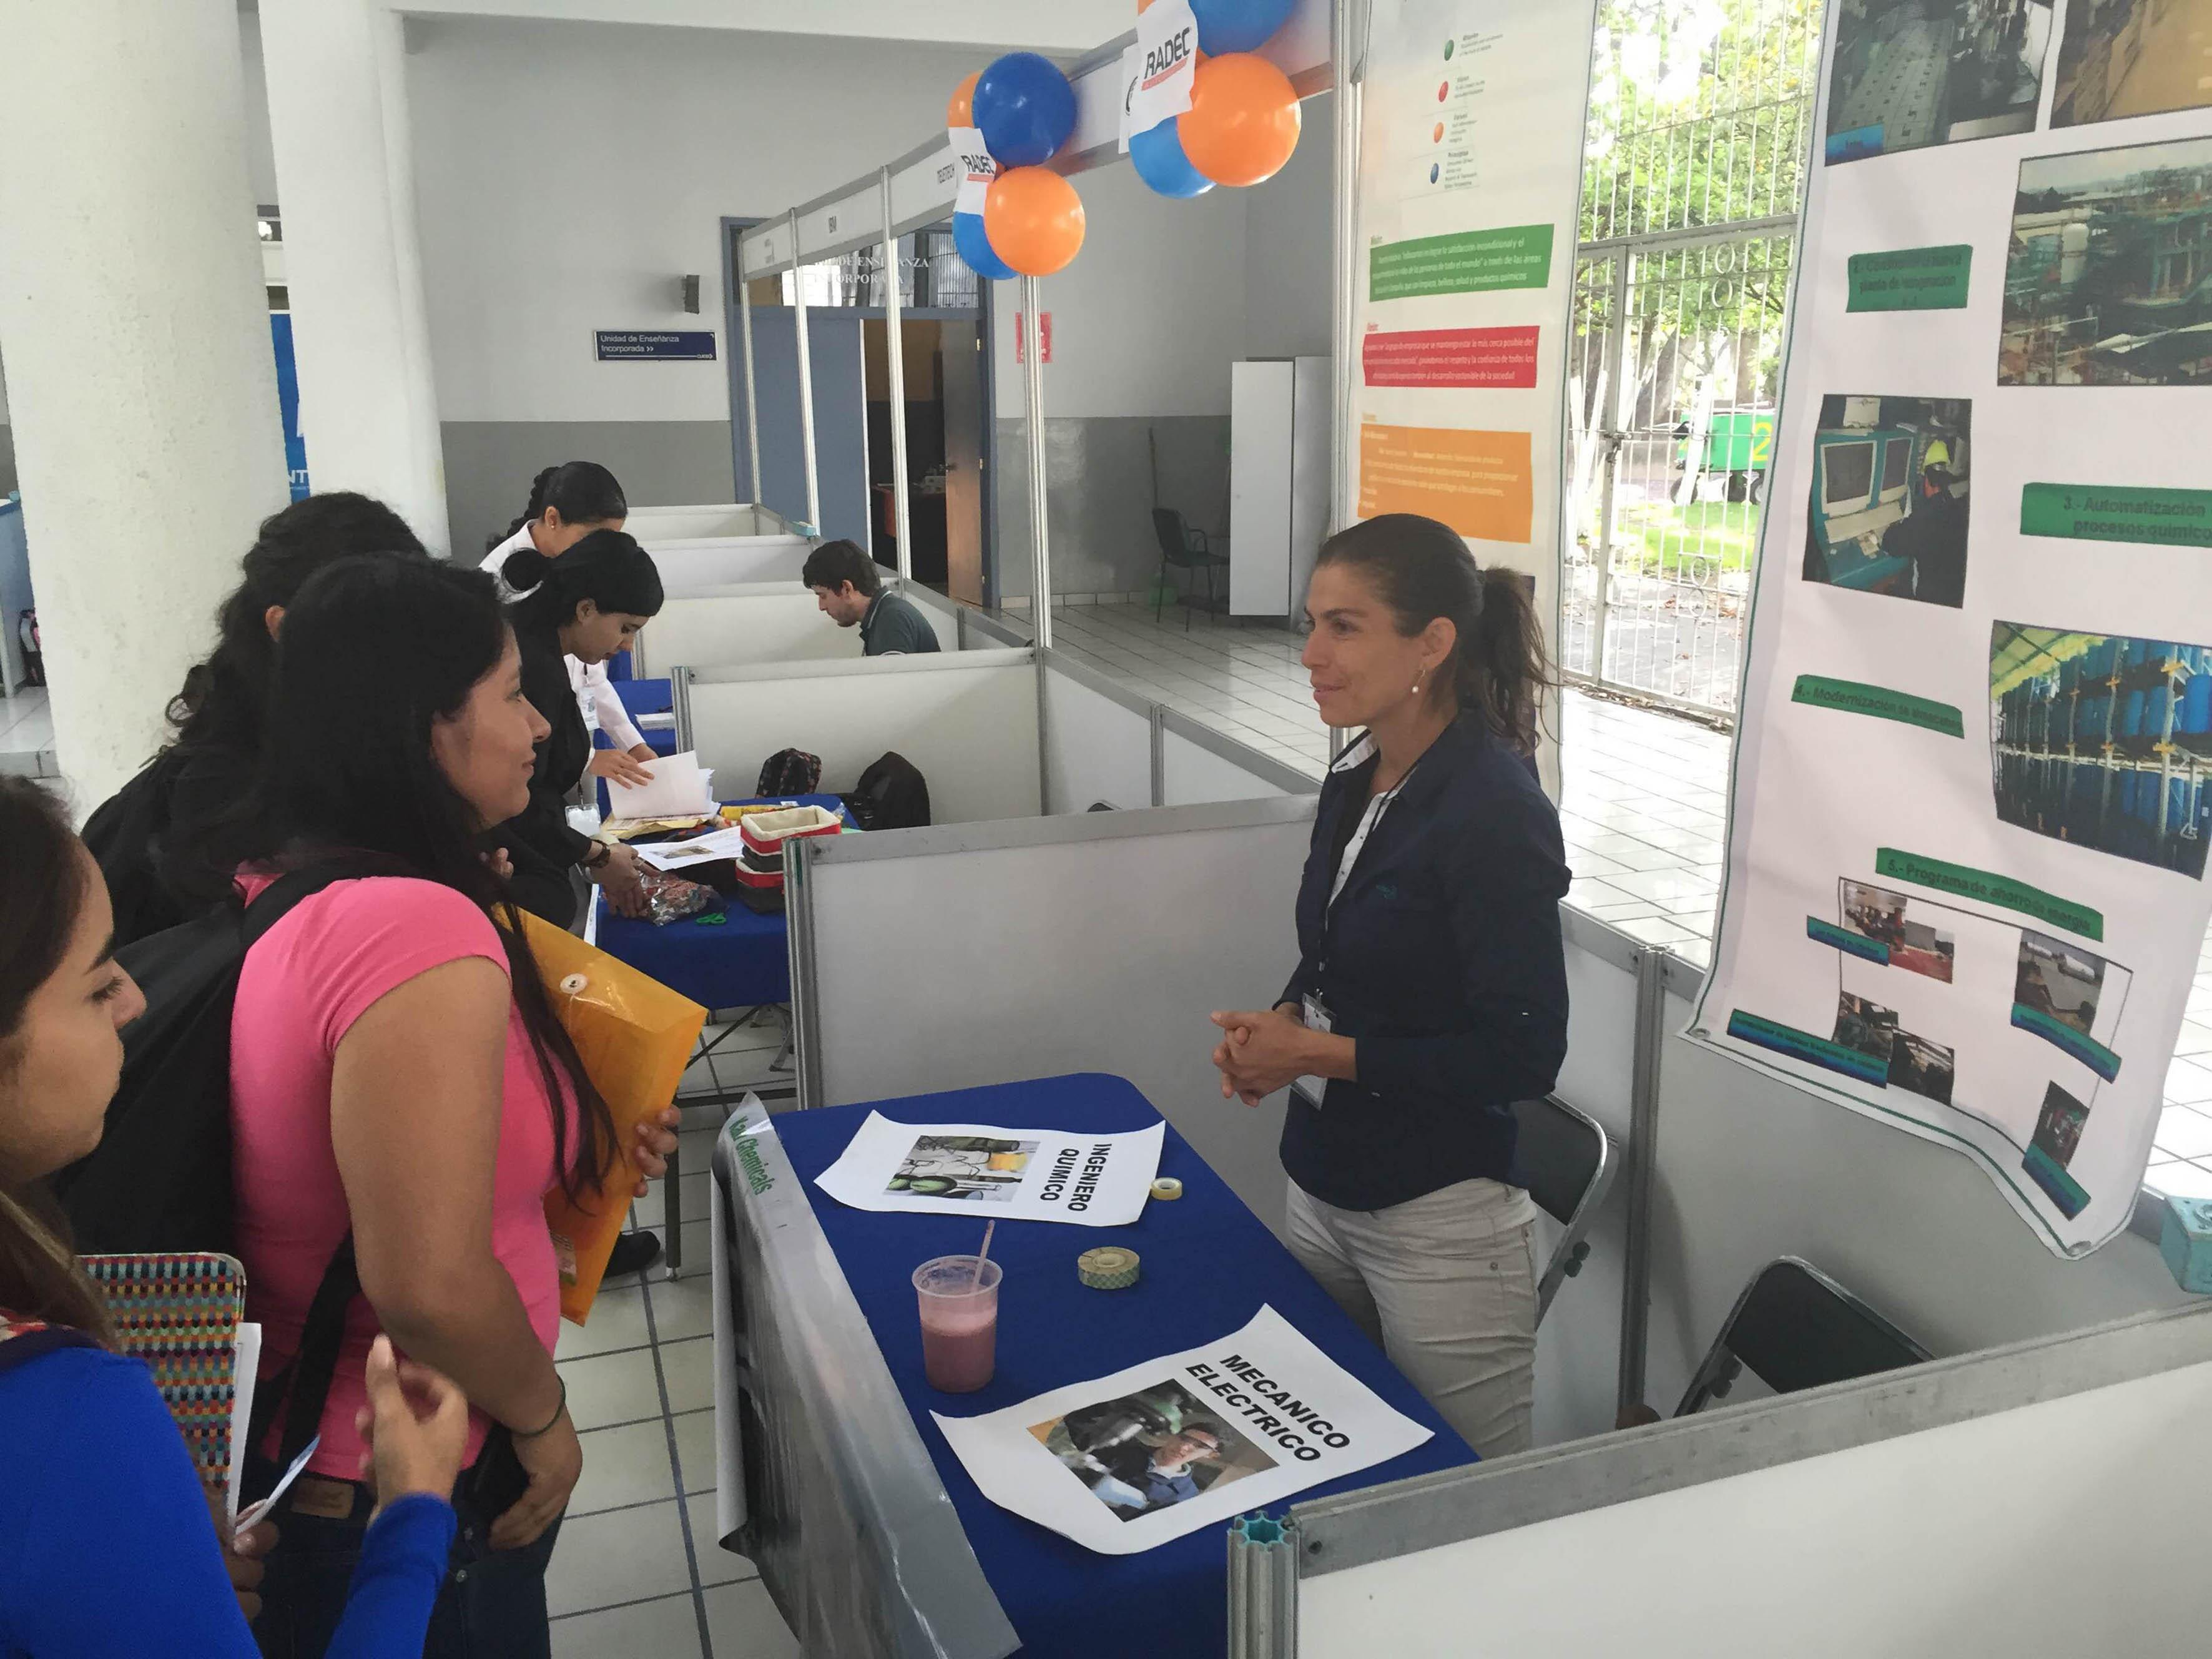 Reclutadora proporcionando información del trabajo a estudiantes del CUCEI.